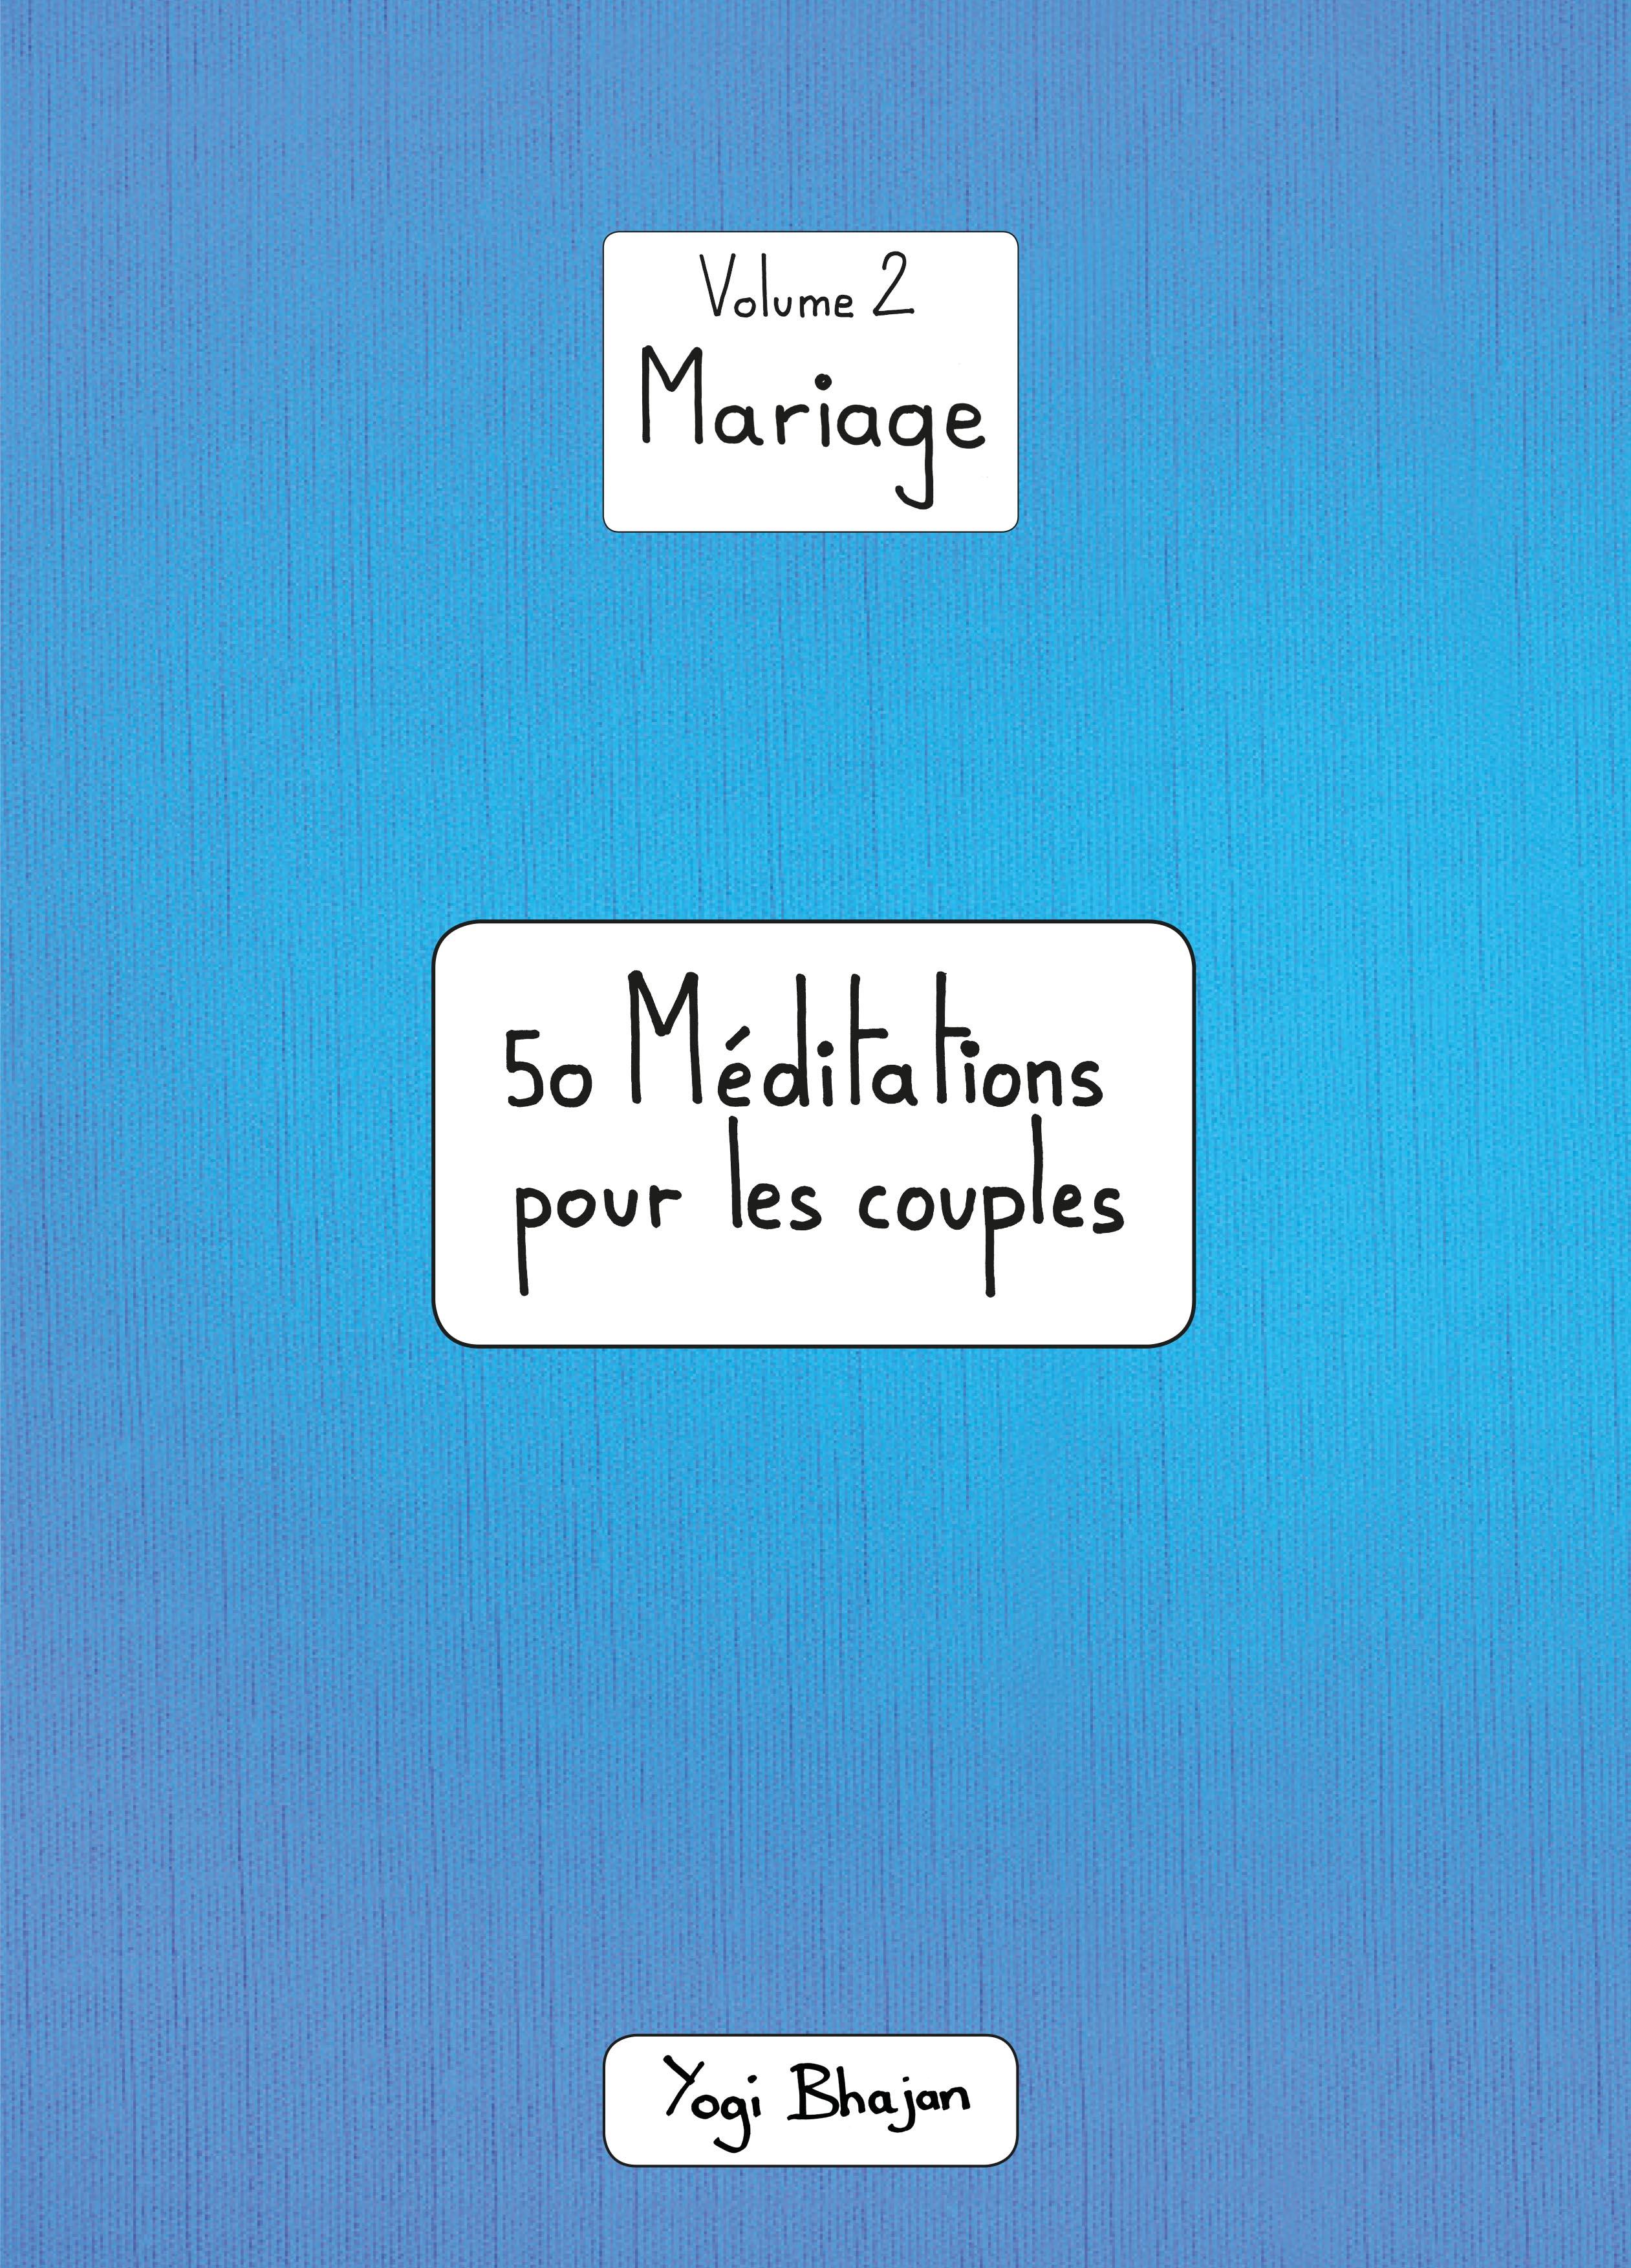 50 Méditation pour les couples